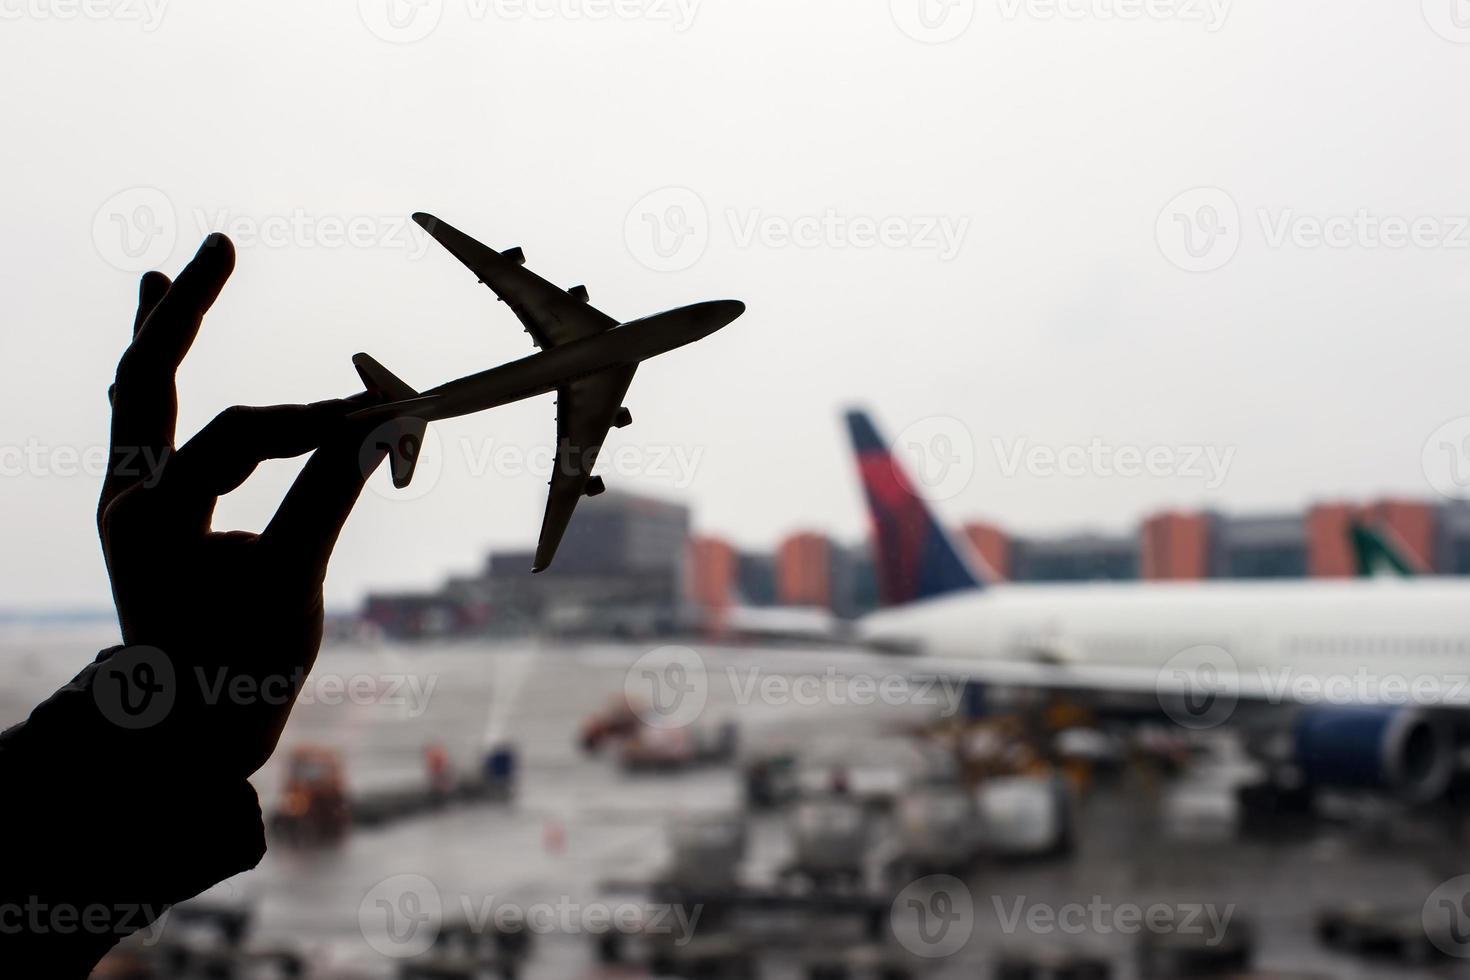 Schattenbild eines kleinen Flugzeugmodells auf Flughafenhintergrund foto